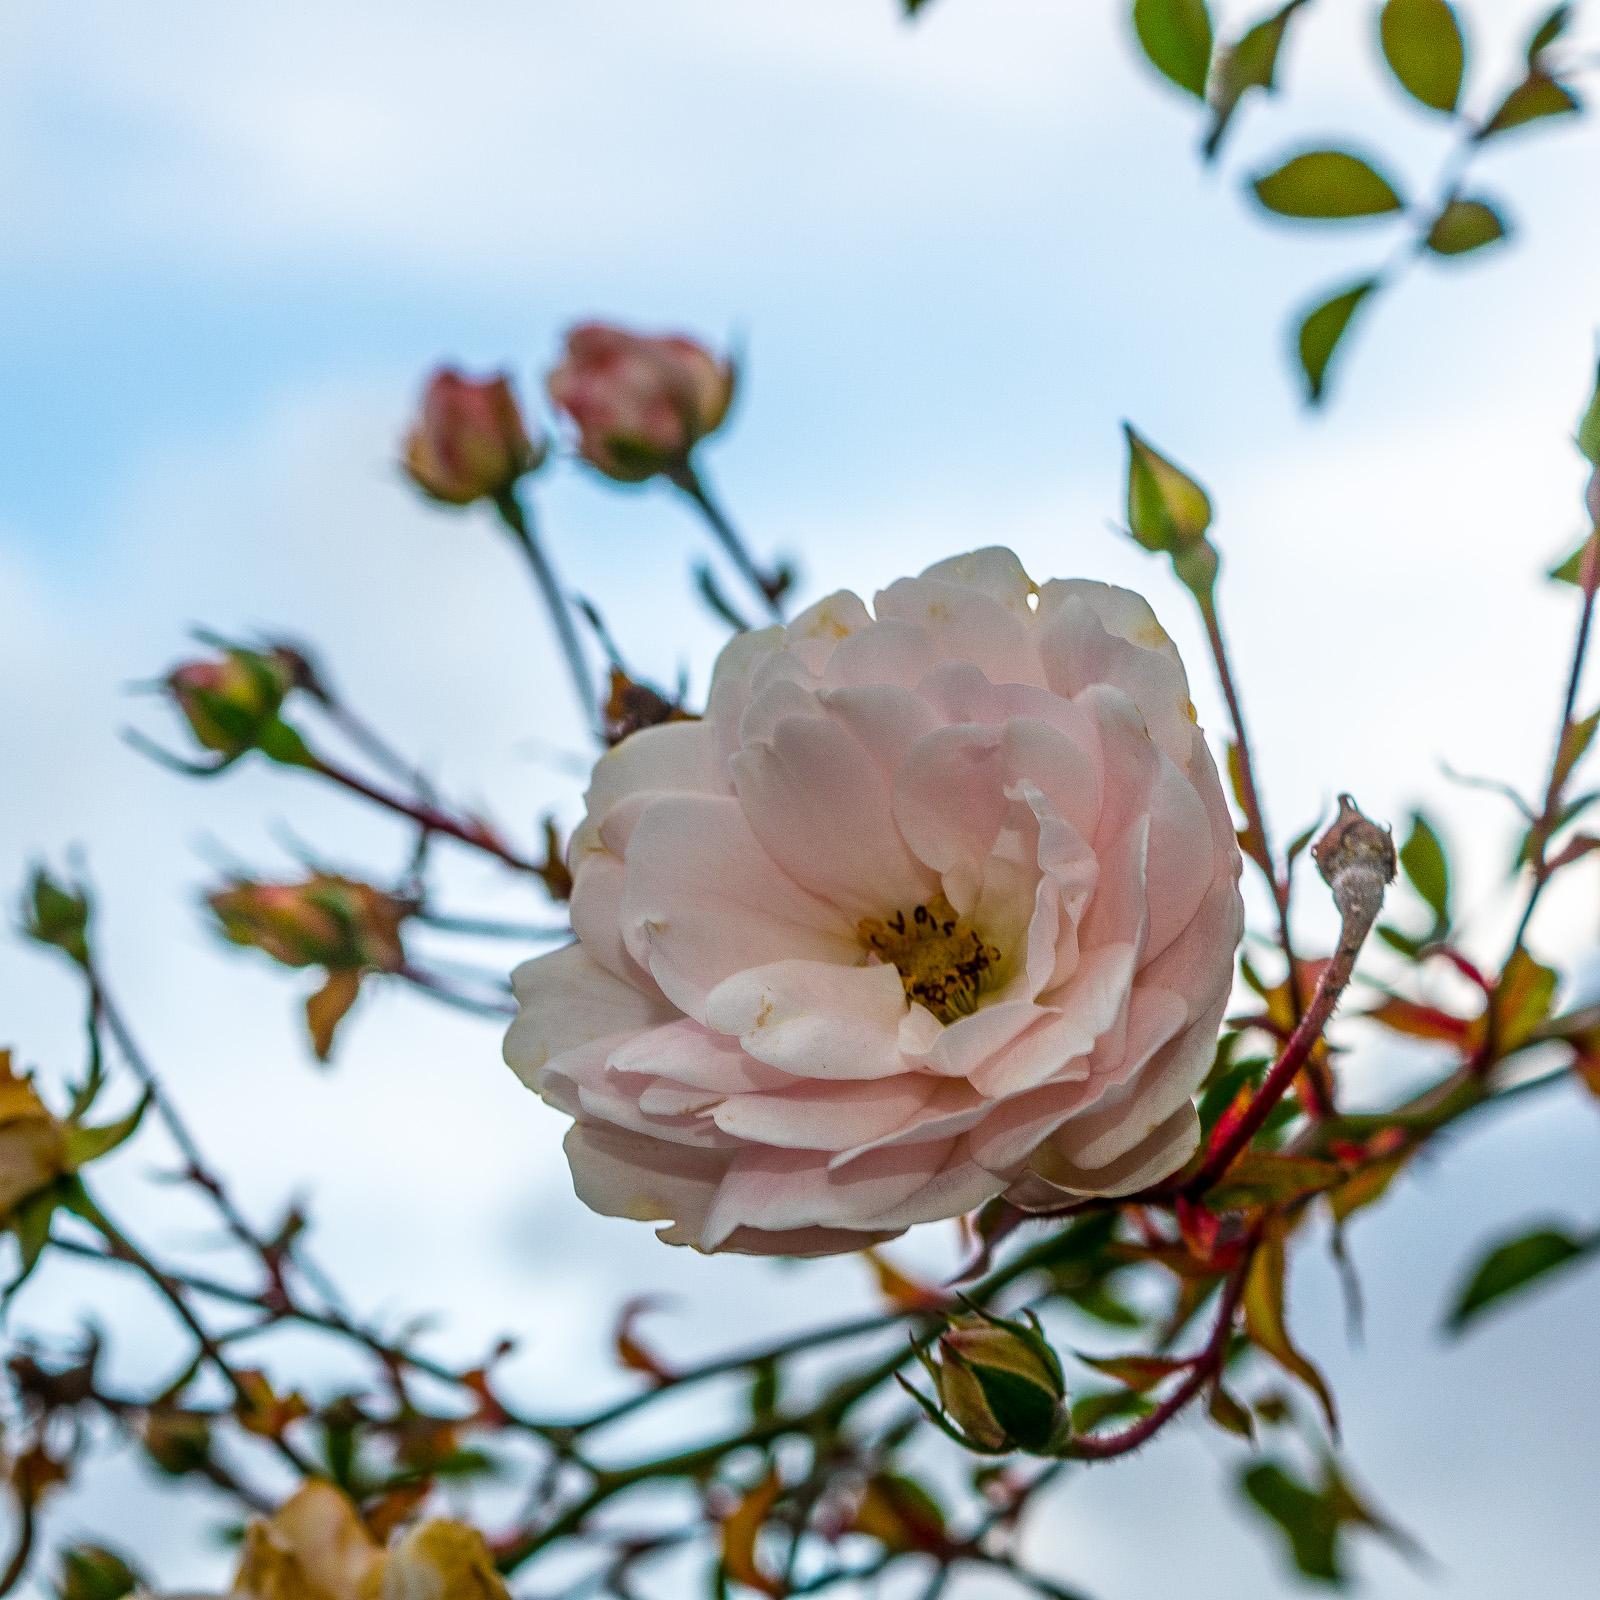 hellrosa Rosenblüte vor diversen unscharfen Knospen und leicht bewölktem Himmel, Ende November in unserem Garten